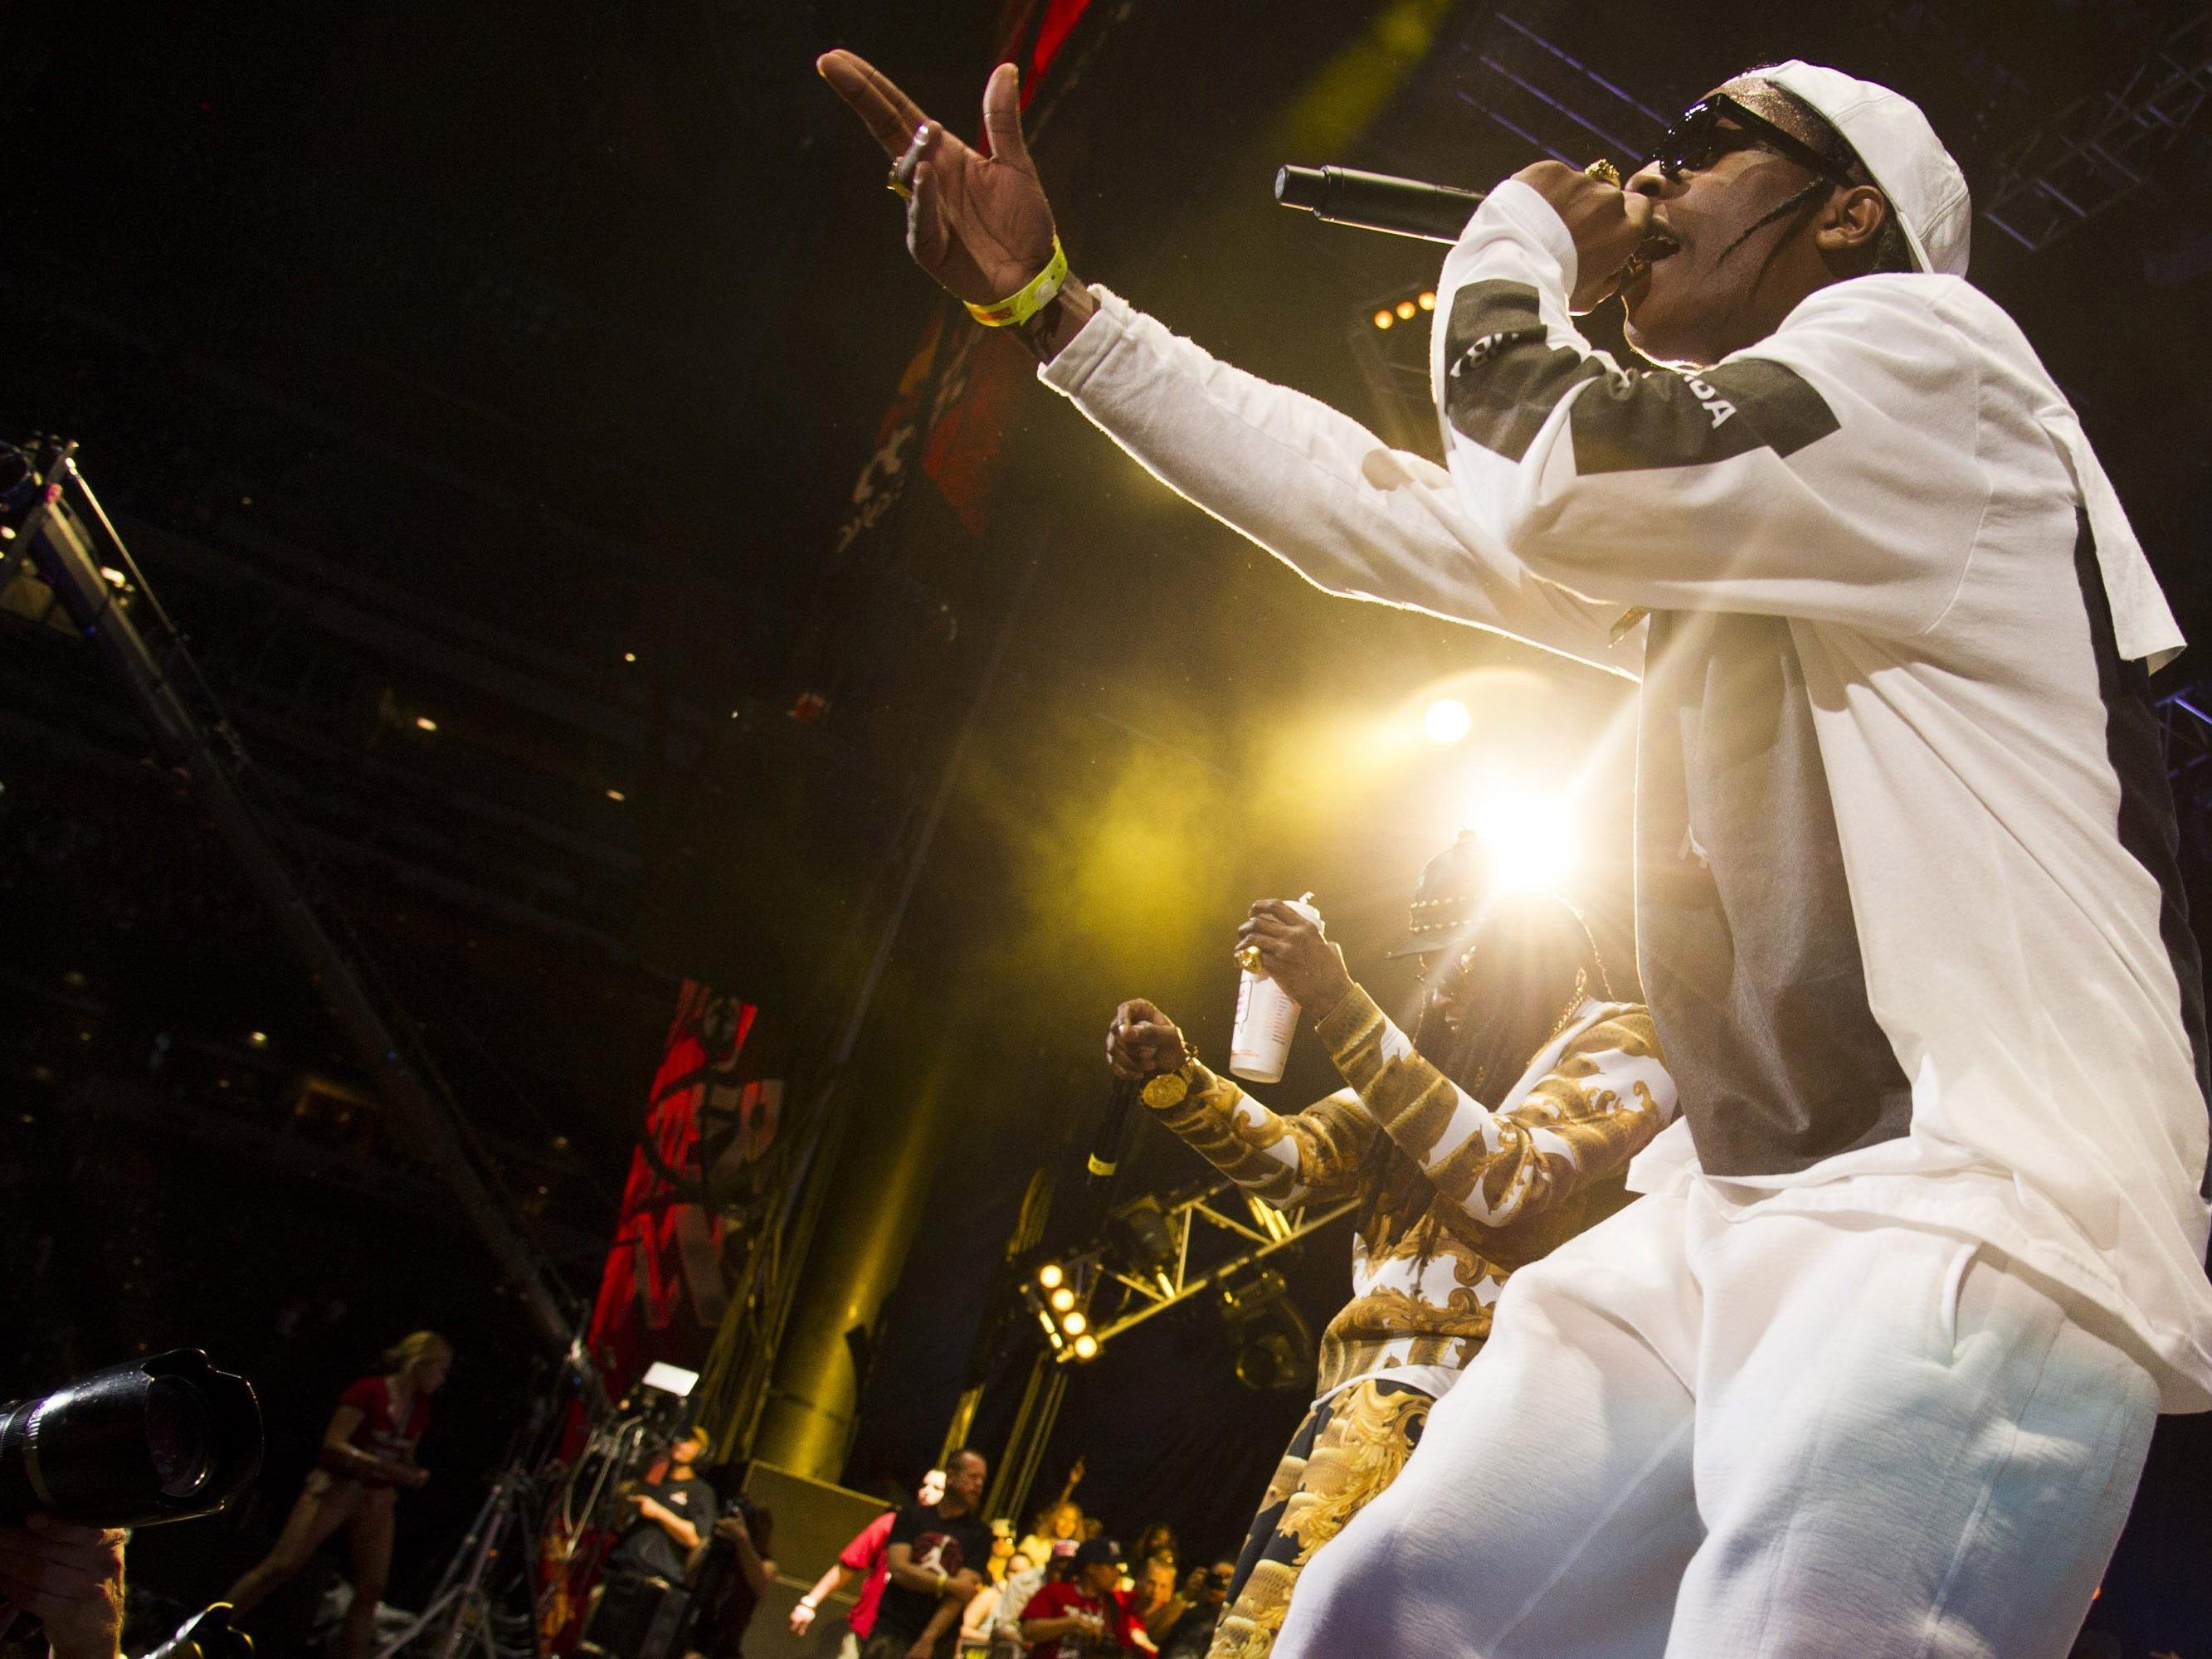 Asap Rocky wird neben vielen anderen Künstlern den Wiener Hip-Hop Sommer ausrichten.